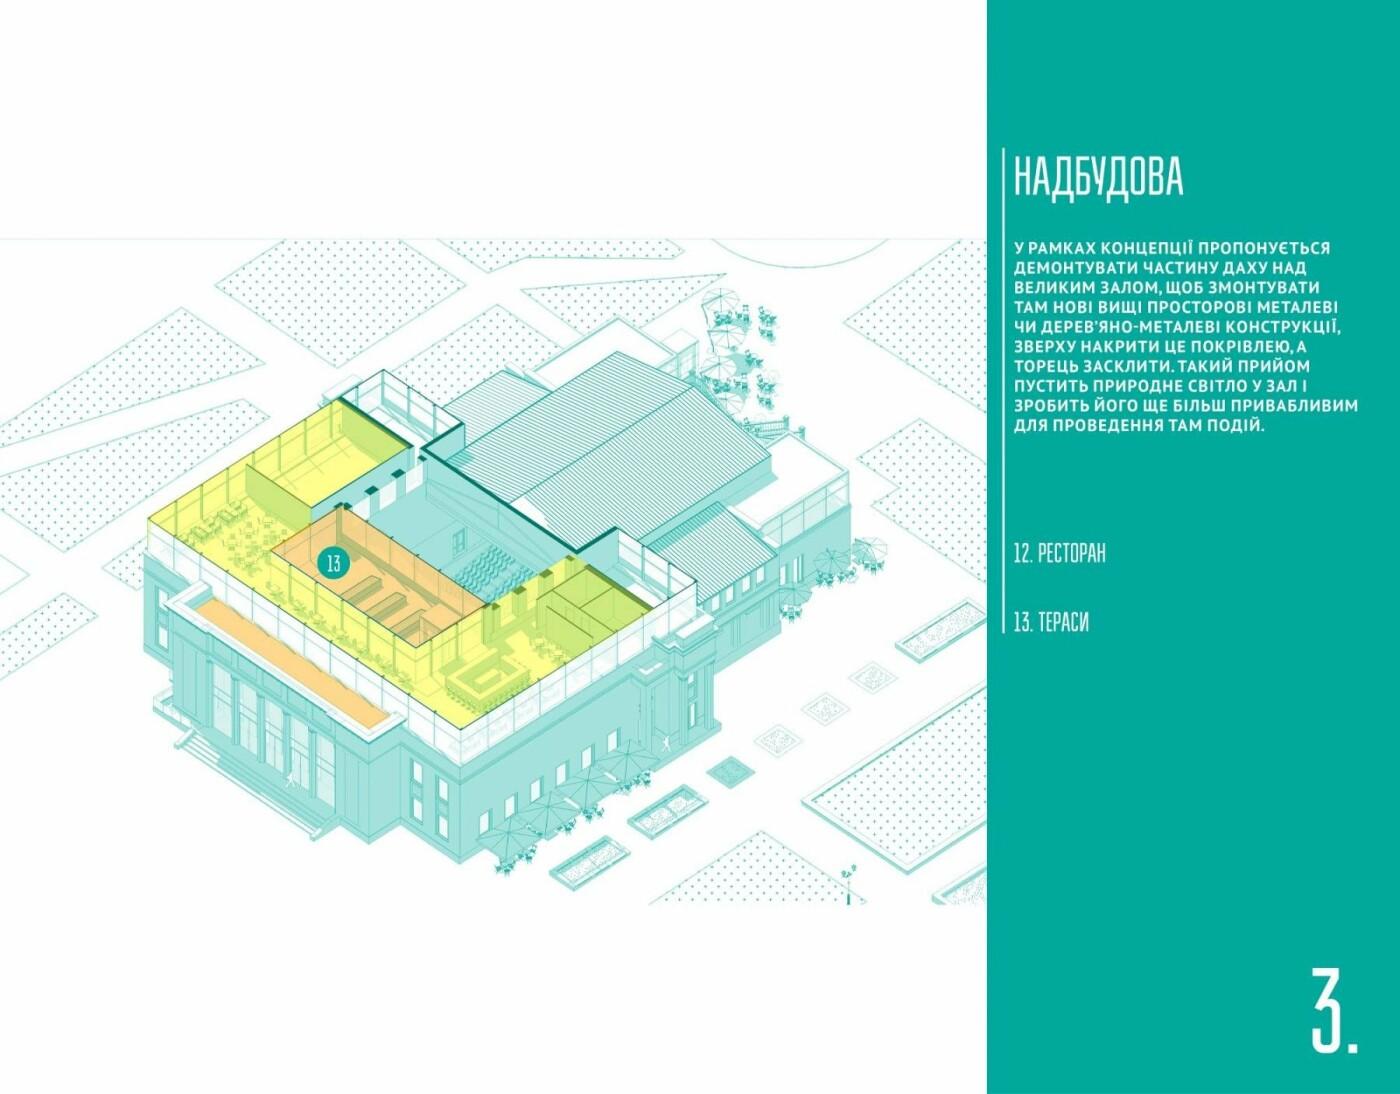 Концепція розвитку: яким буде кінотеатр Шевченка в майбутньому, фото-24